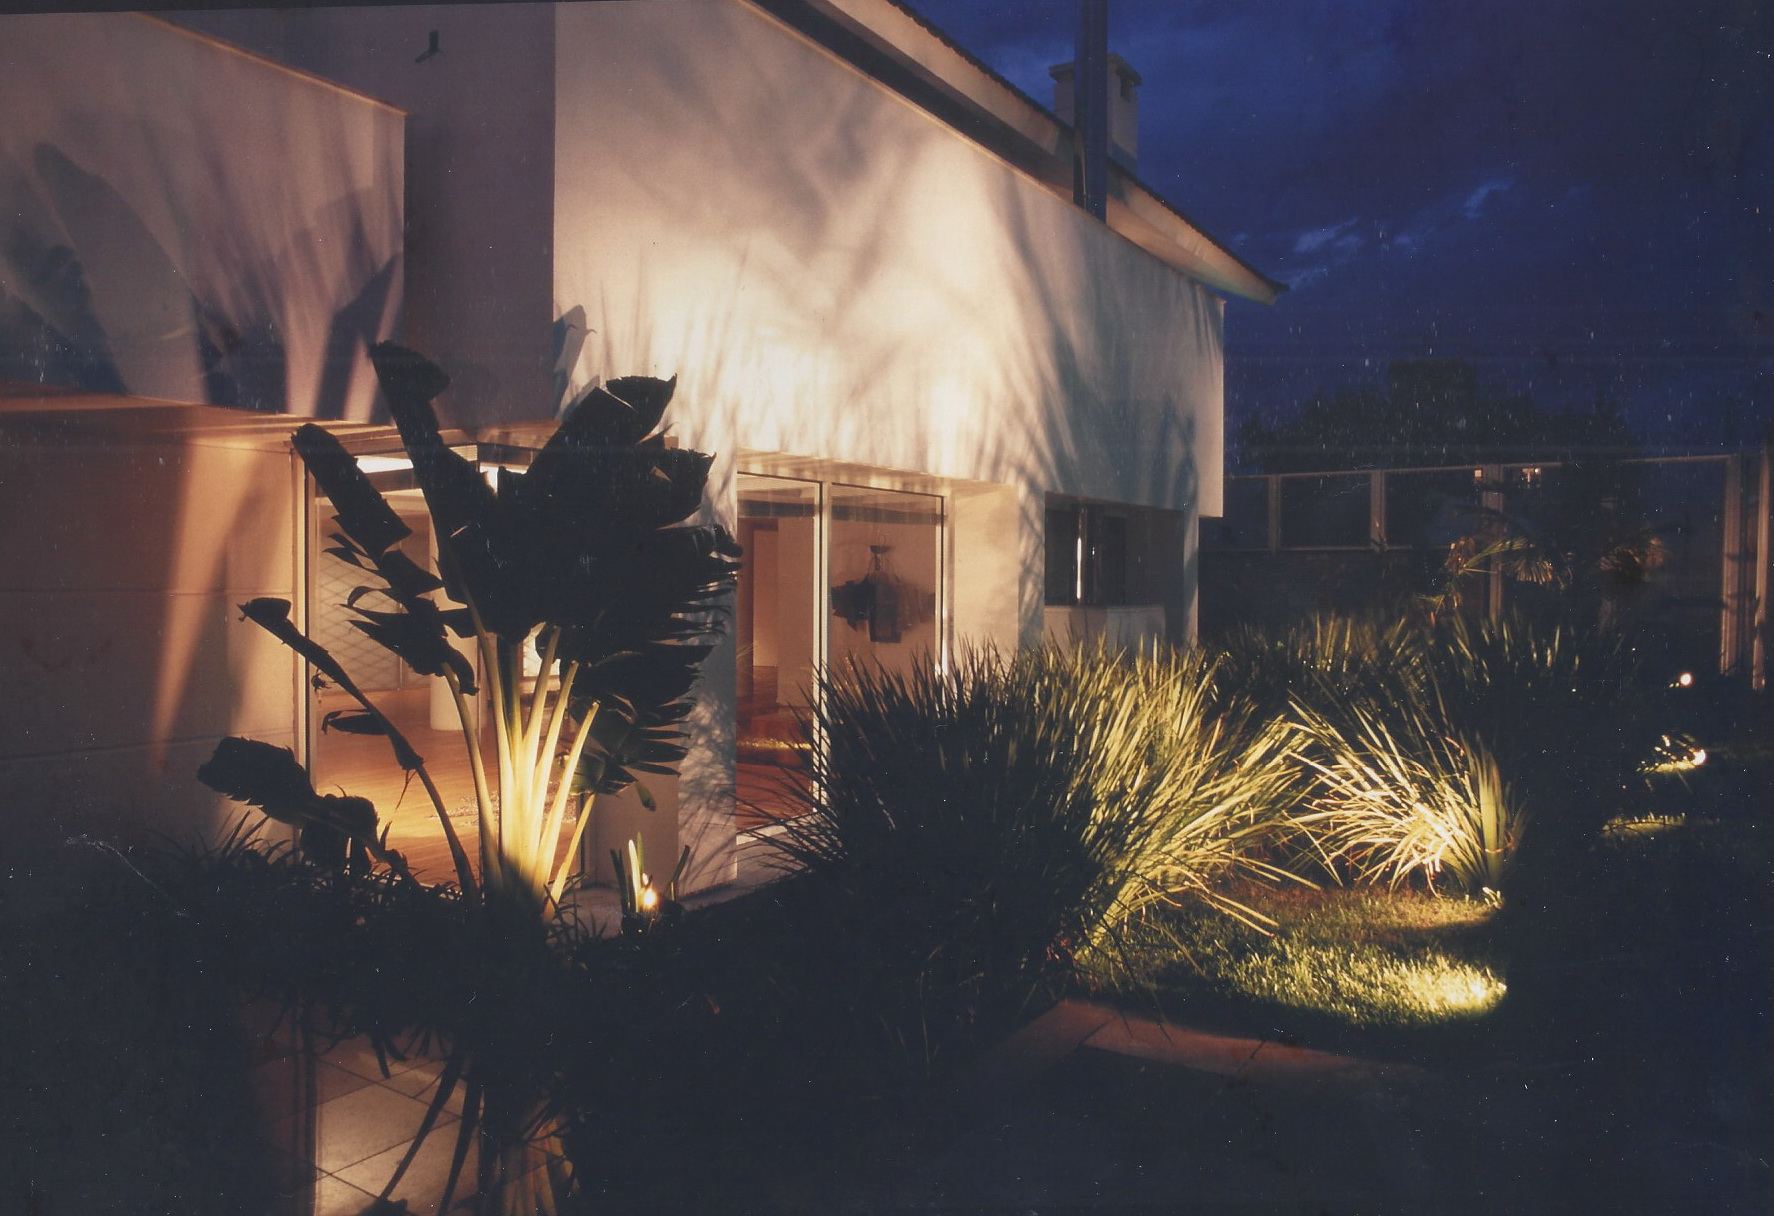 Jardim residencial - iluminação a noite Foto: Eneida Serrano